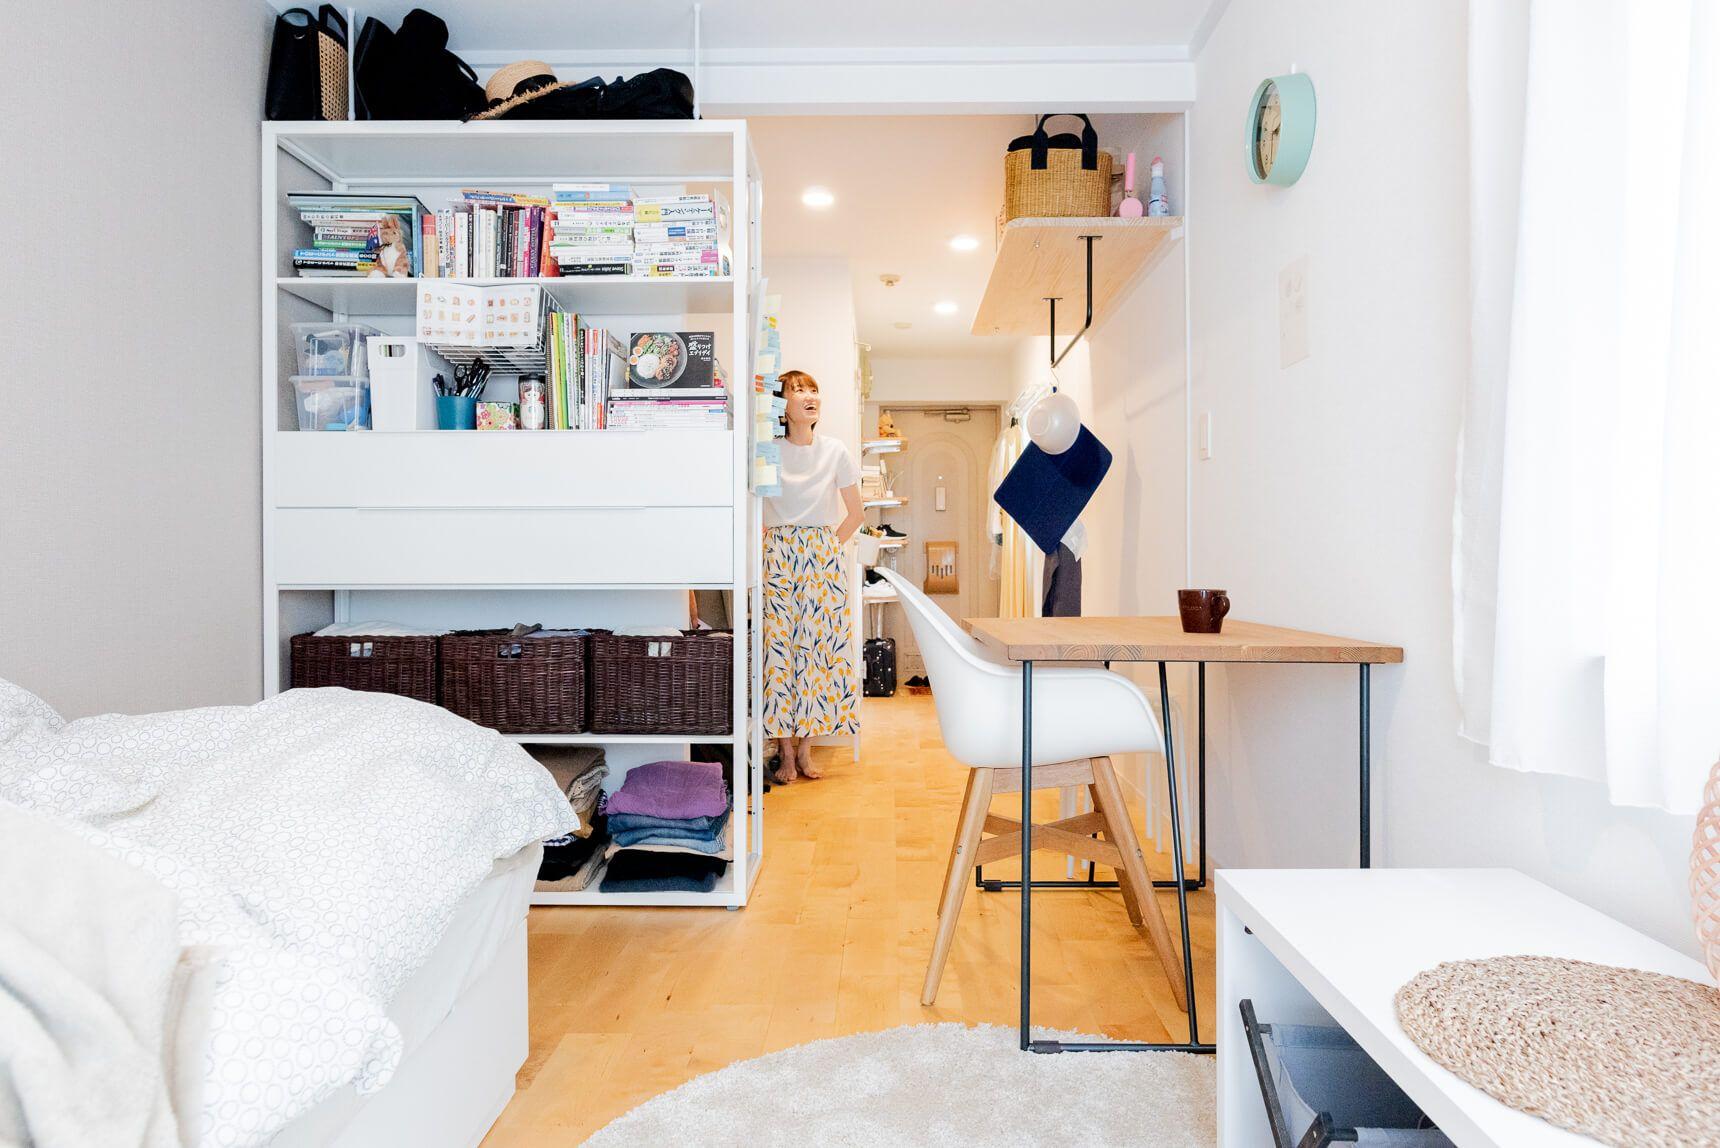 大きなテーブルと白いキッチン 週末はケーキ作りを楽しむ初めてのひとり暮らしの部屋 Goodroom Journal アパートのデコレーション インテリア 収納 部屋